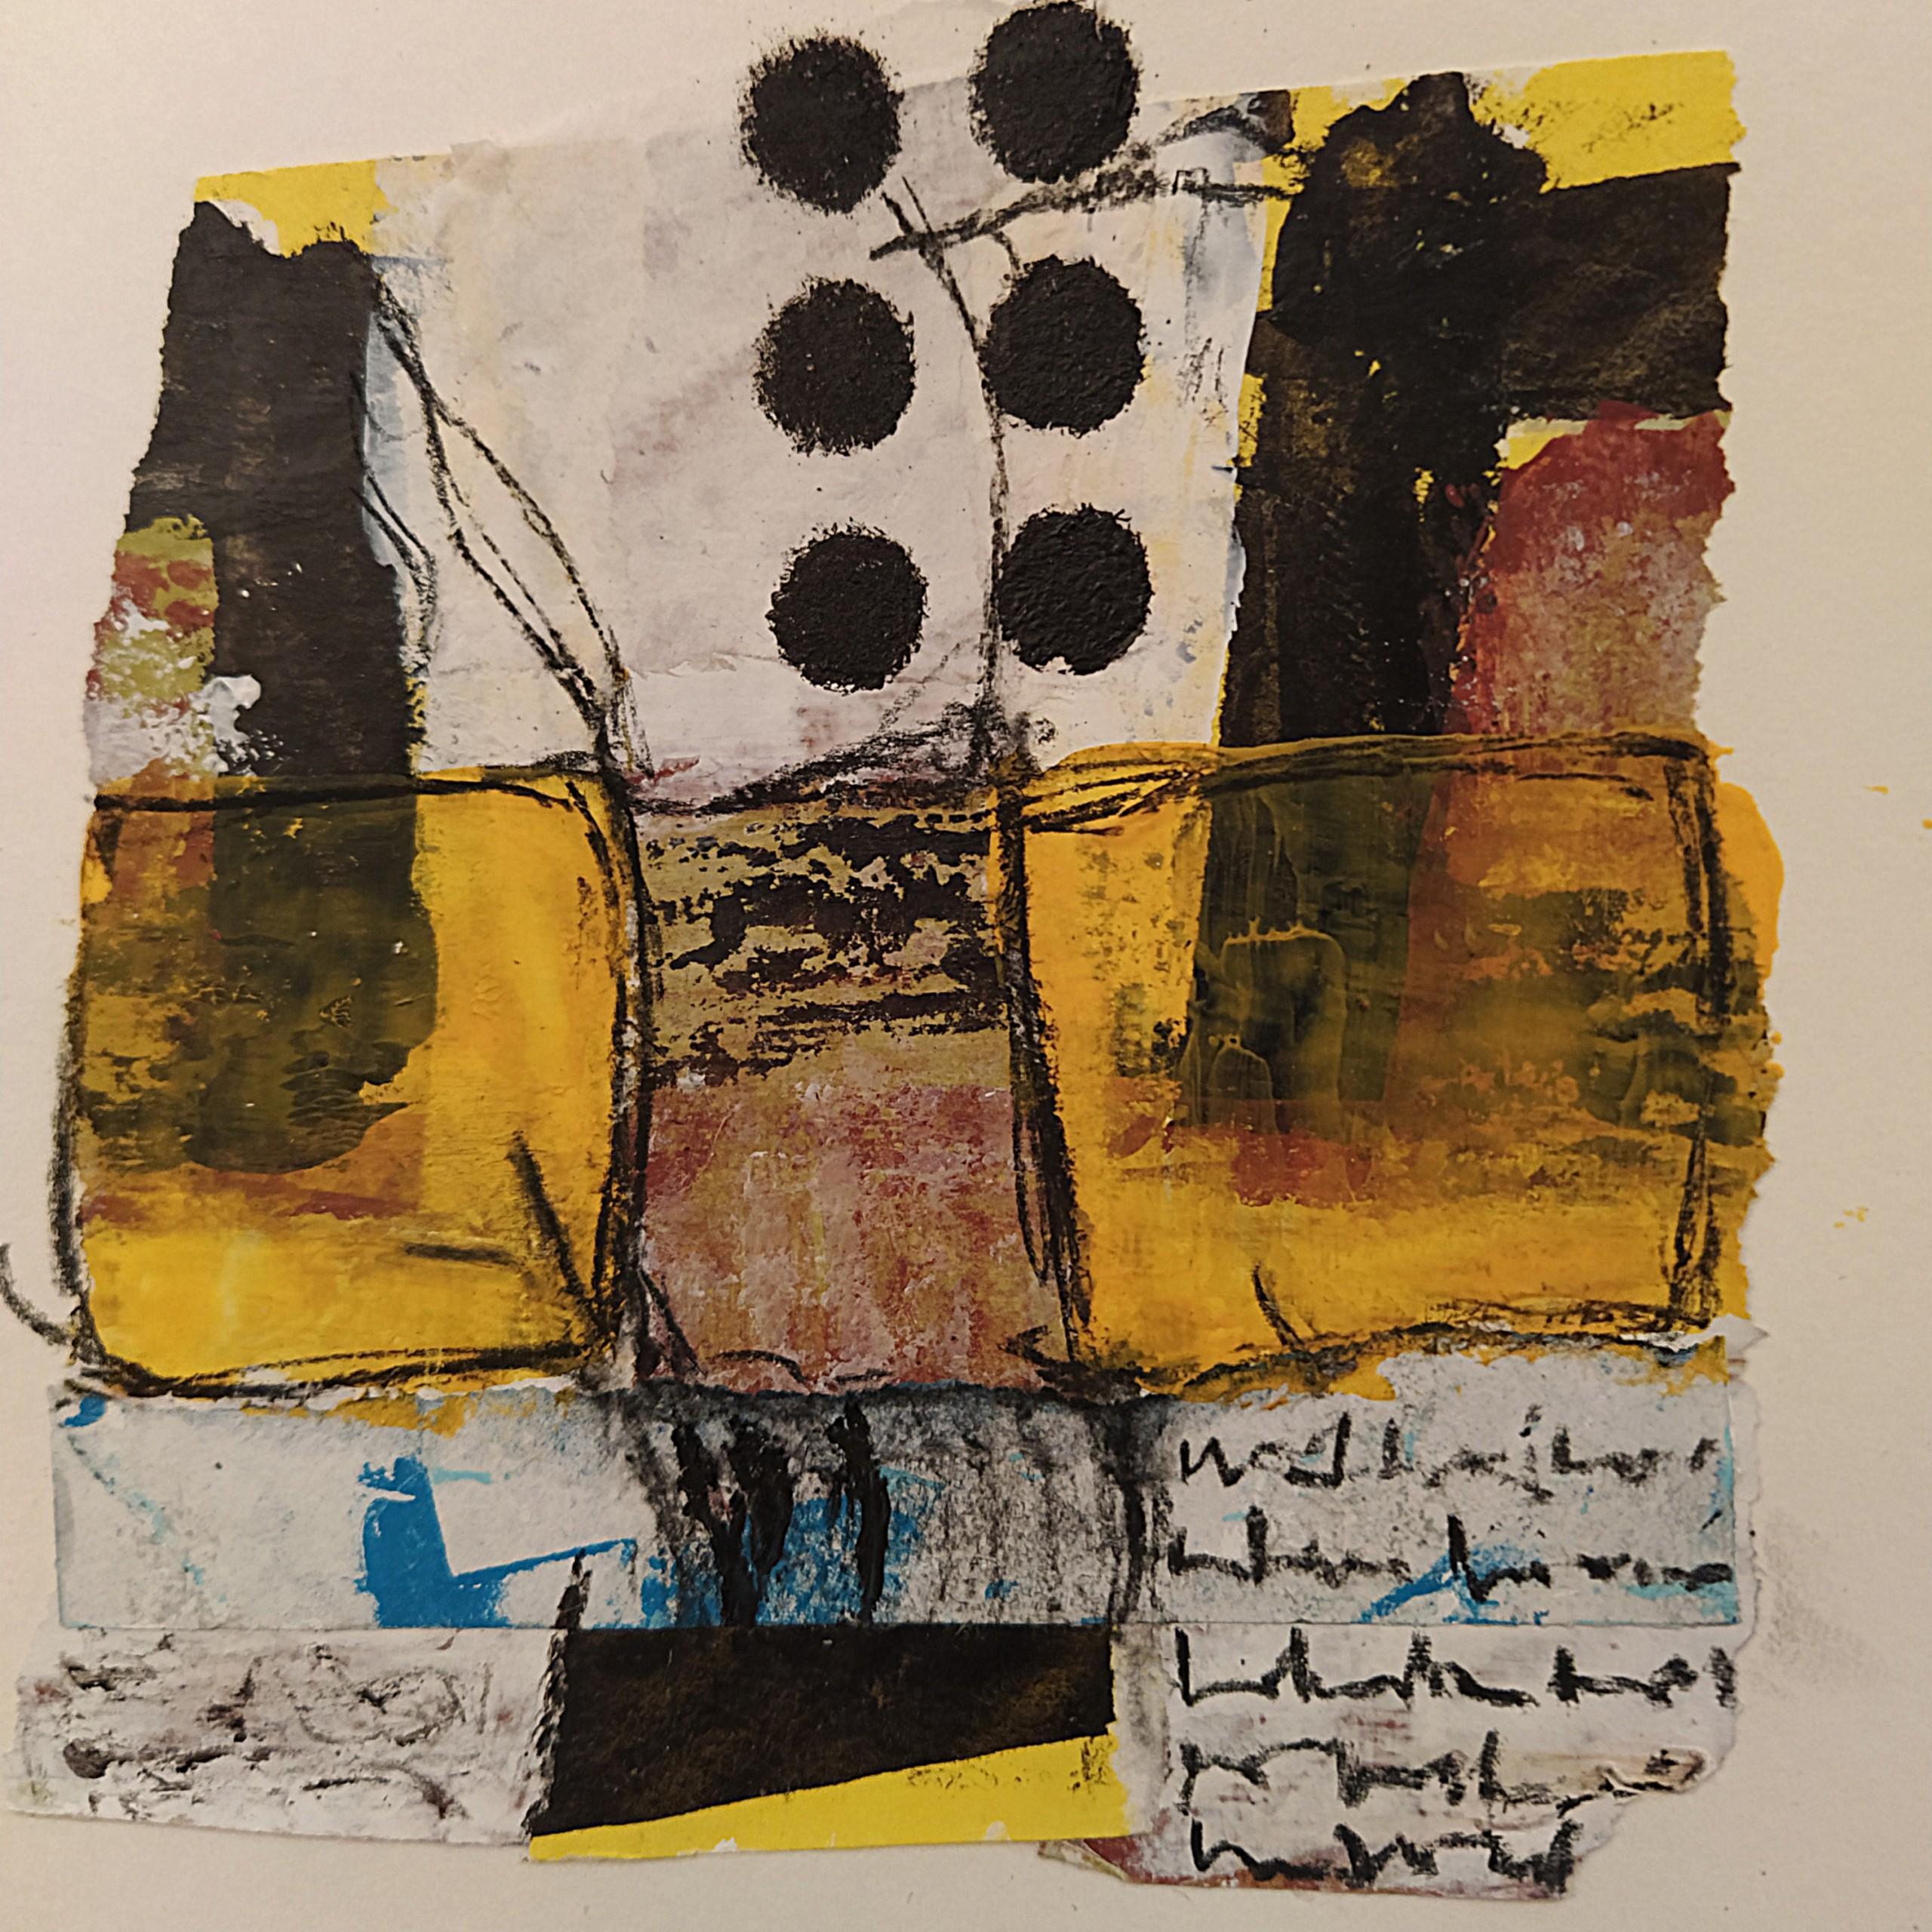 Atelier KunstAreal Abstrakt_2